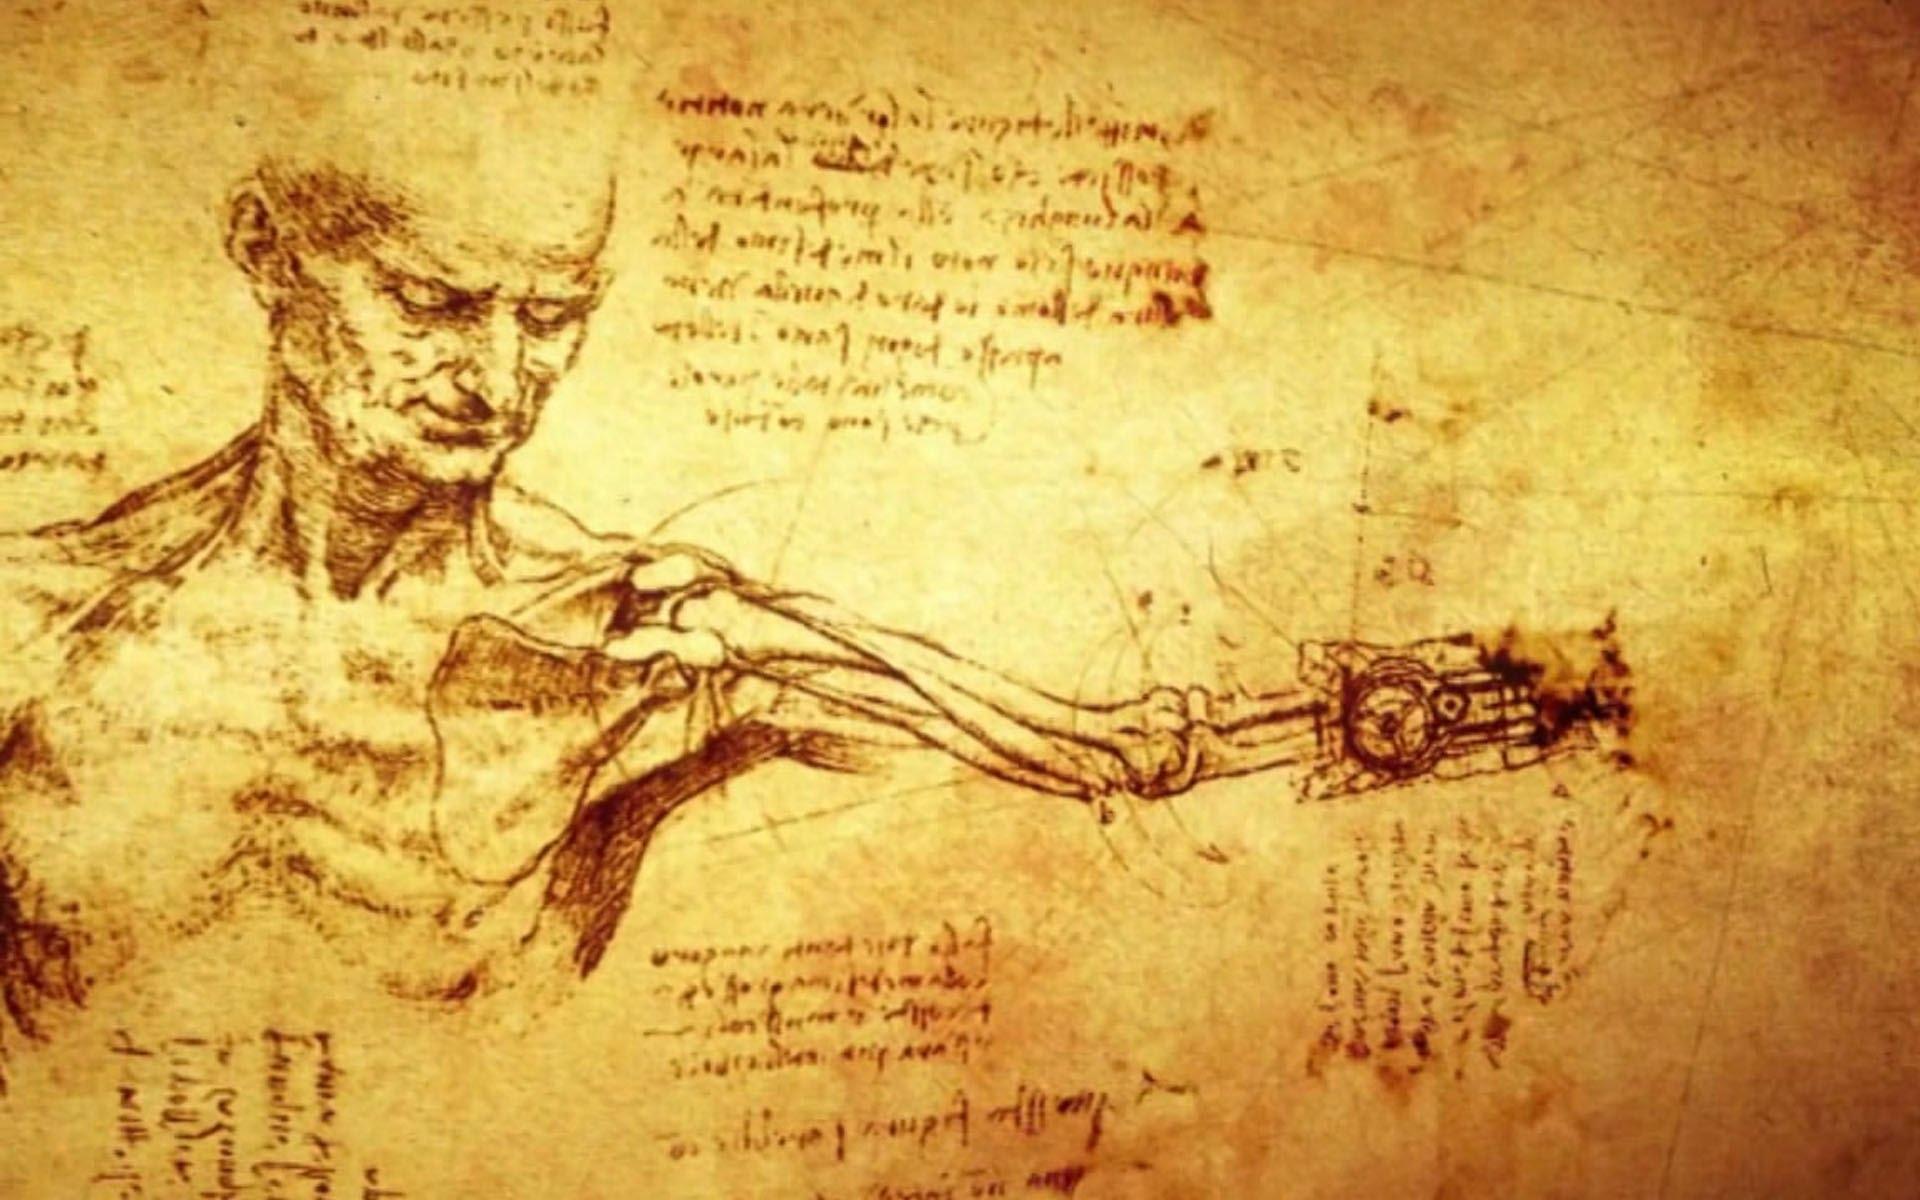 Leonardo anatomía